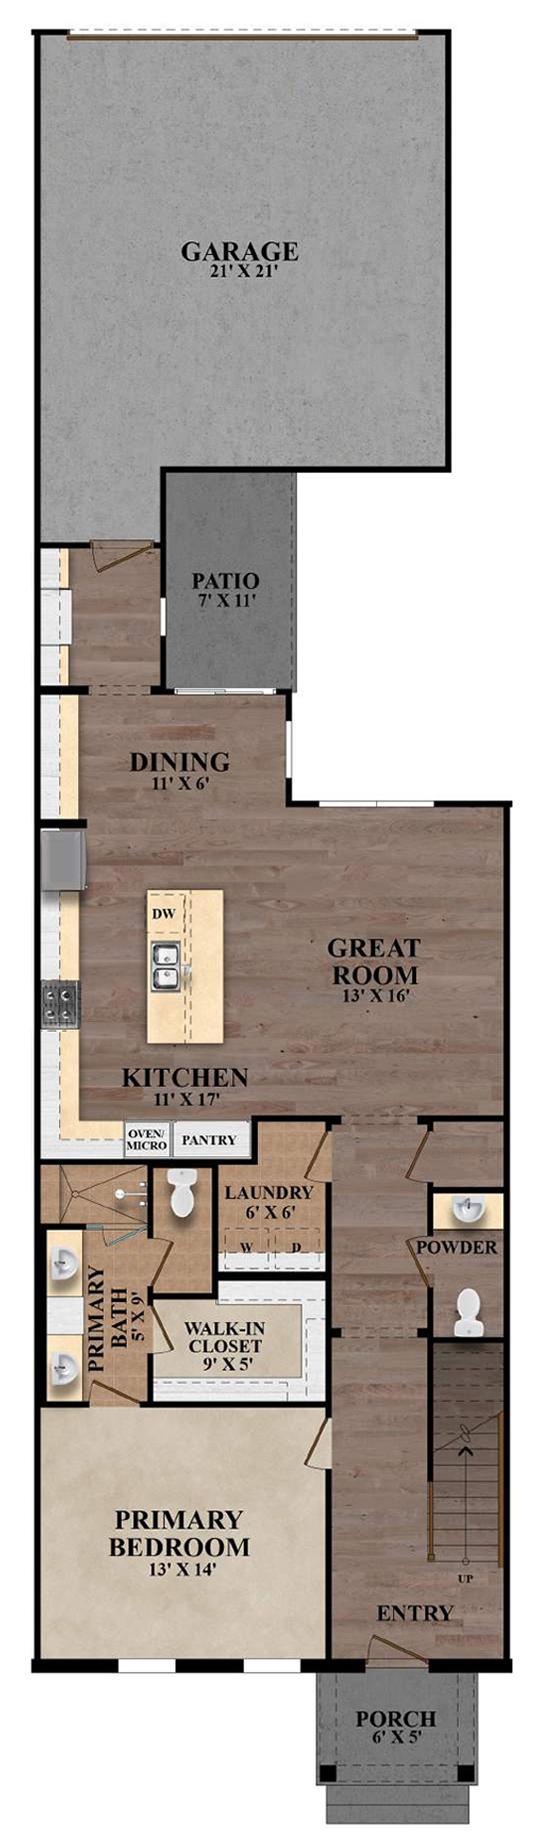 The Ashford - Plan A First Floor